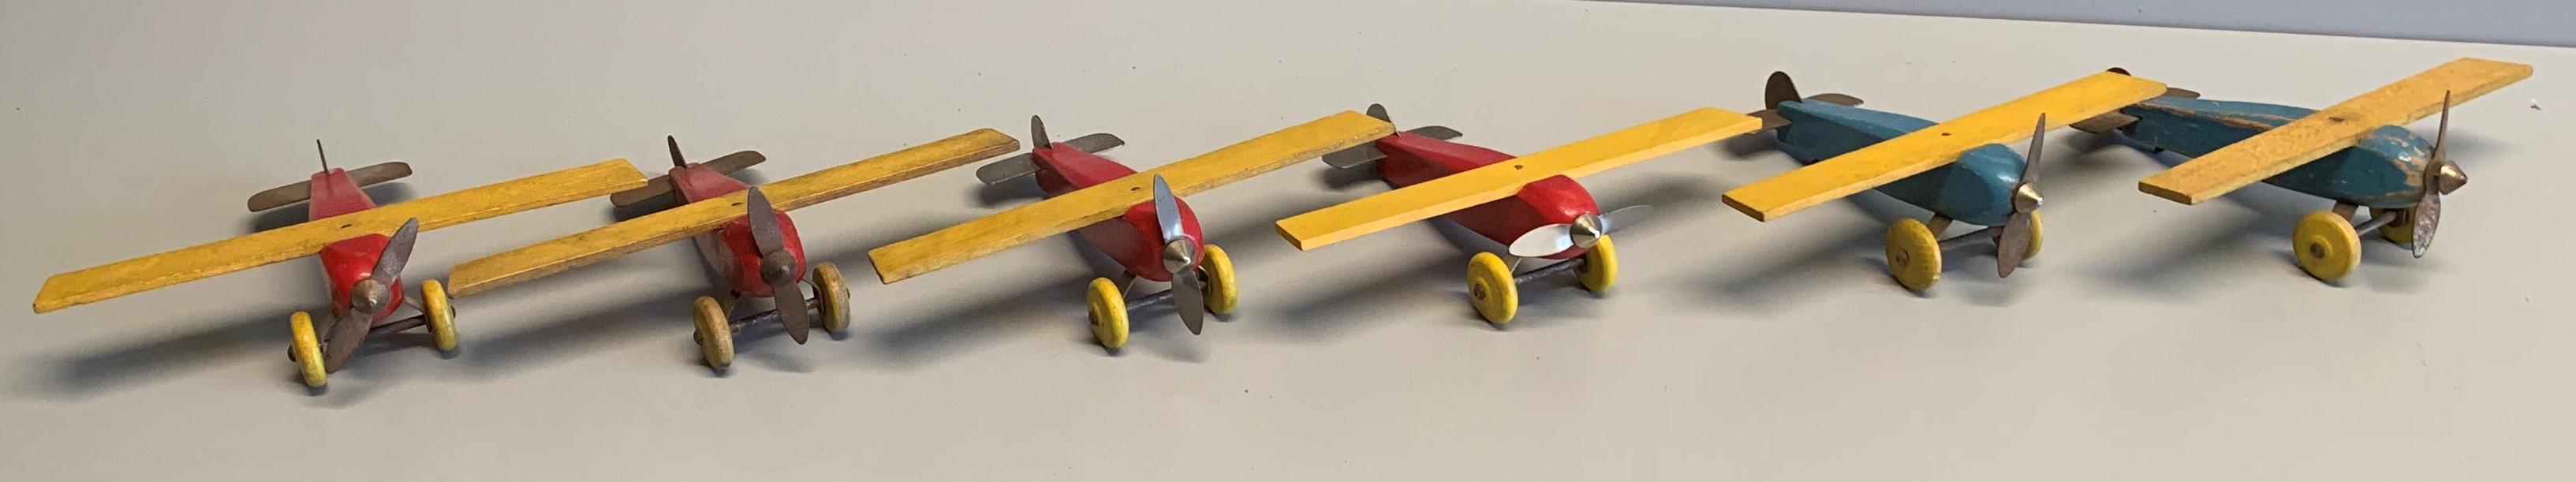 Strombecker Airplanes